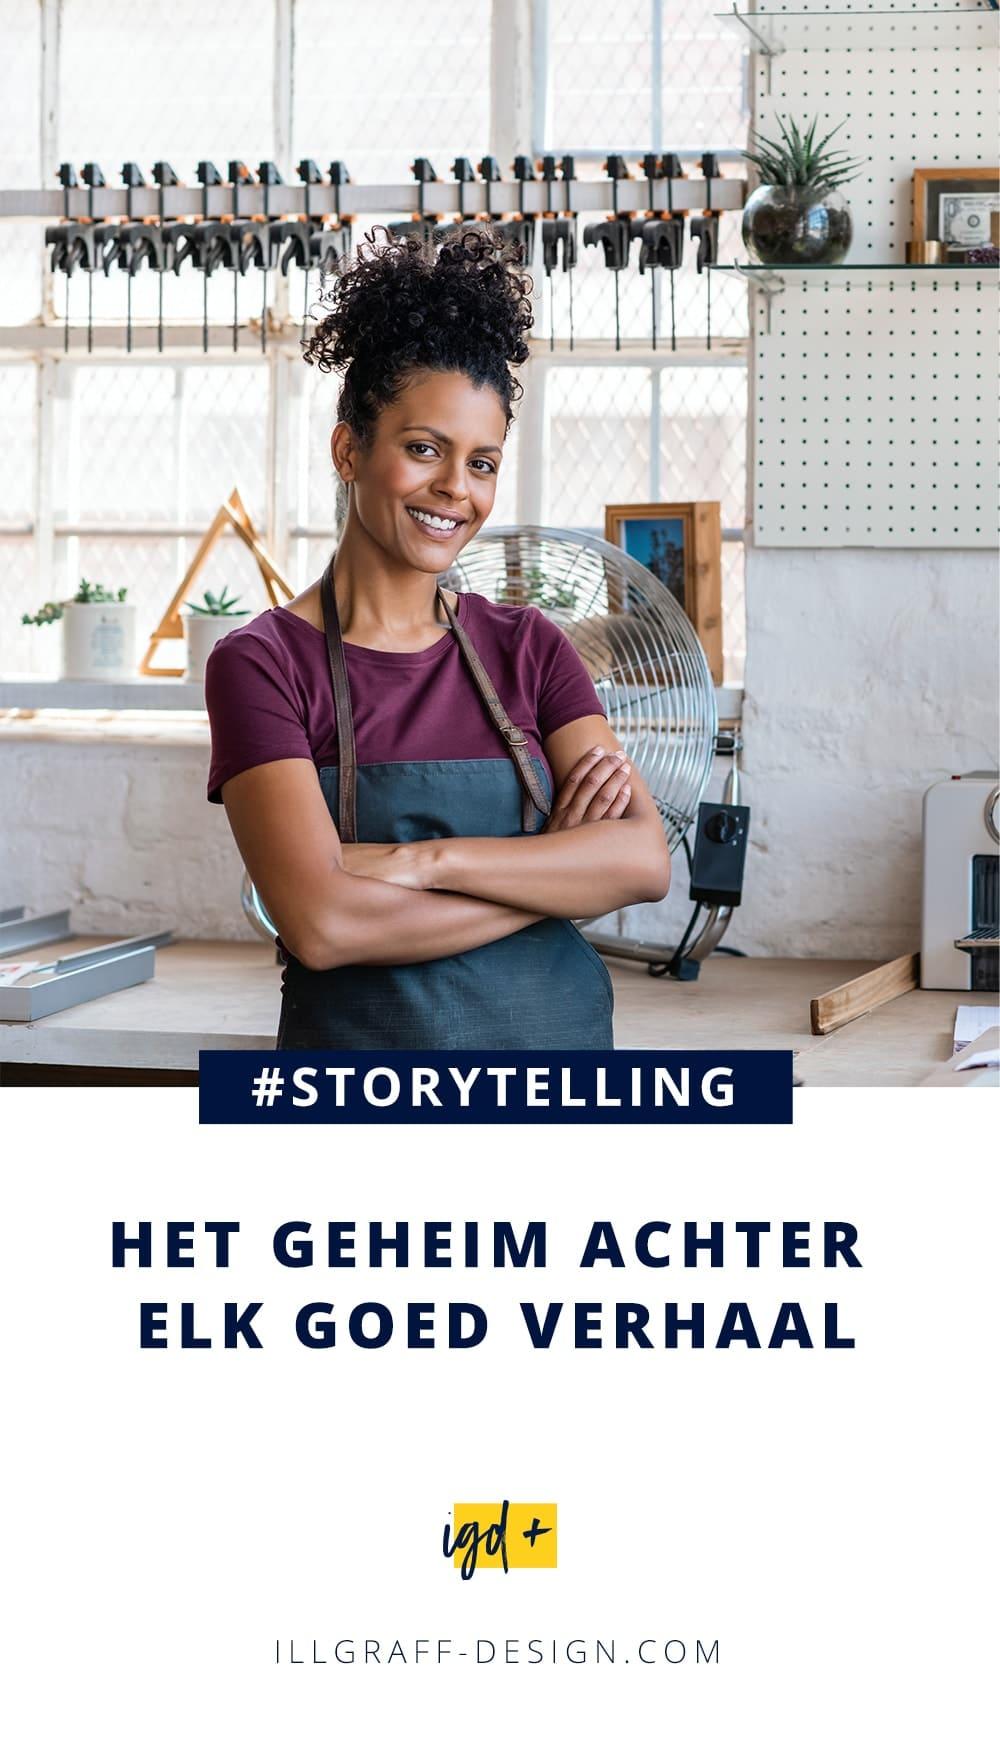 Storytelling: het geheim achter elk goed merkverhaal